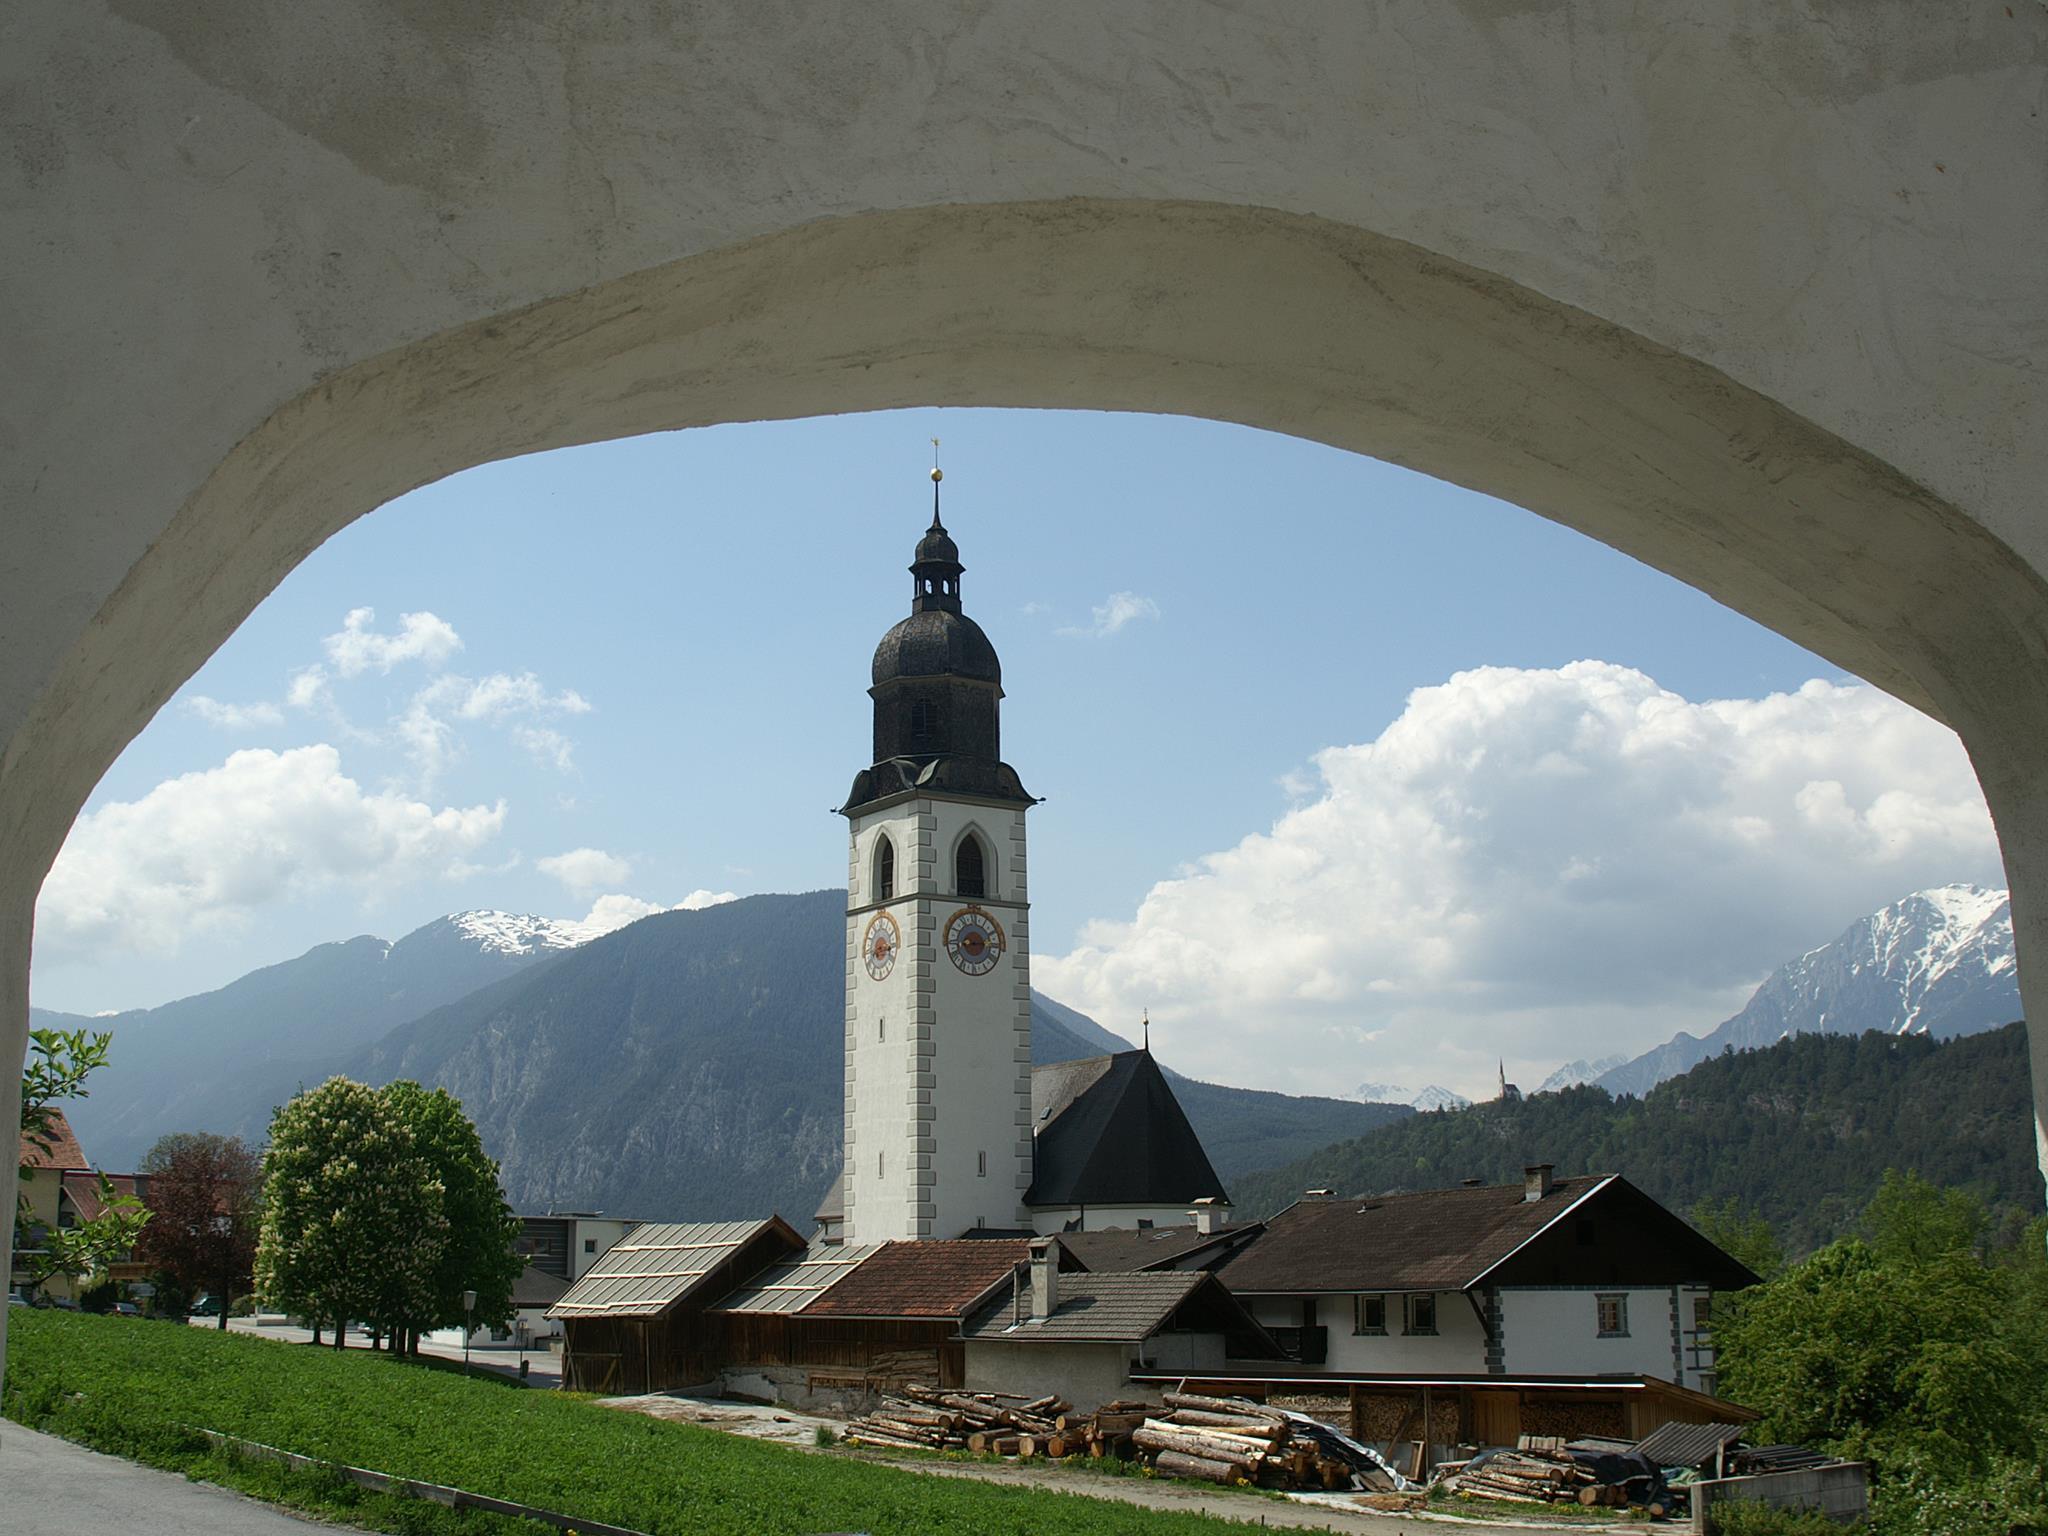 Pfarrkirche zum Heiligen Johannes dem Täufer